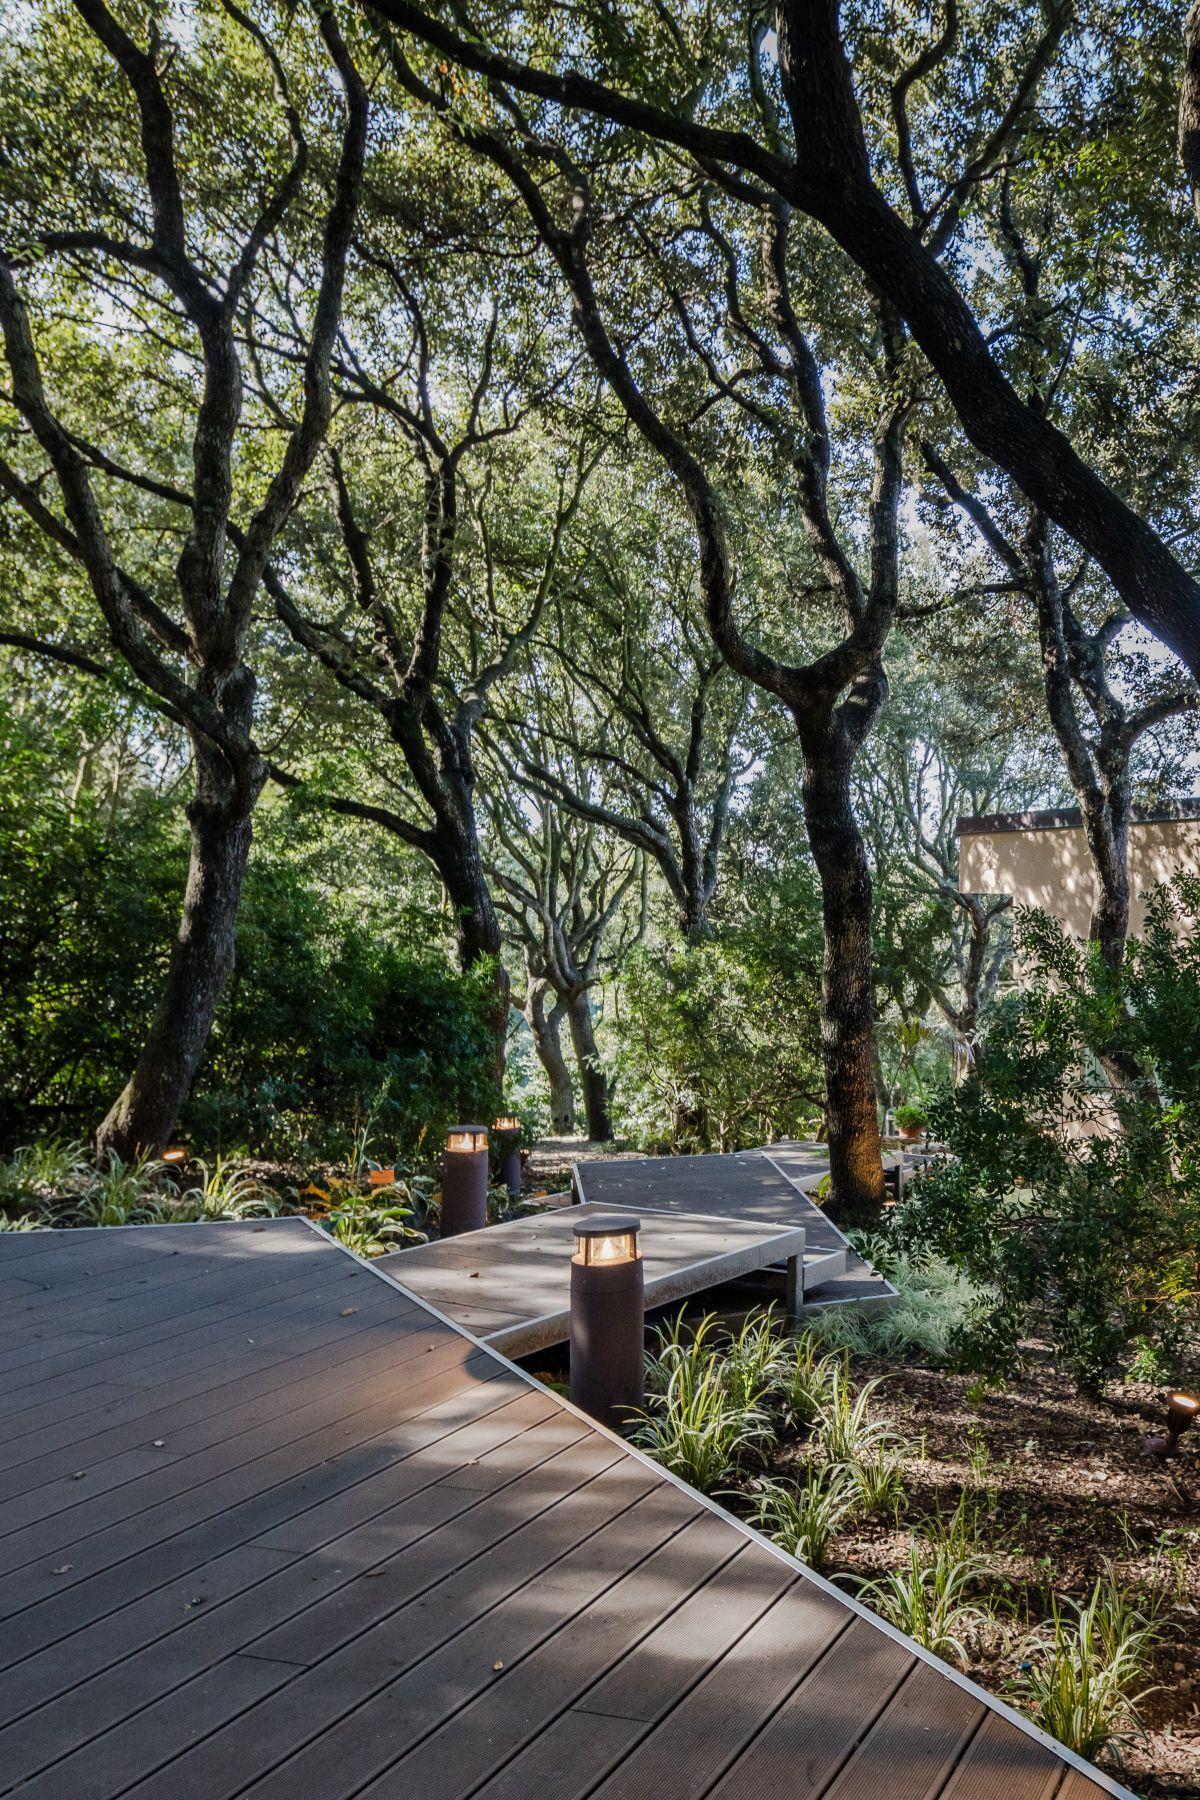 Casa nel Bosco deck continues into walkway